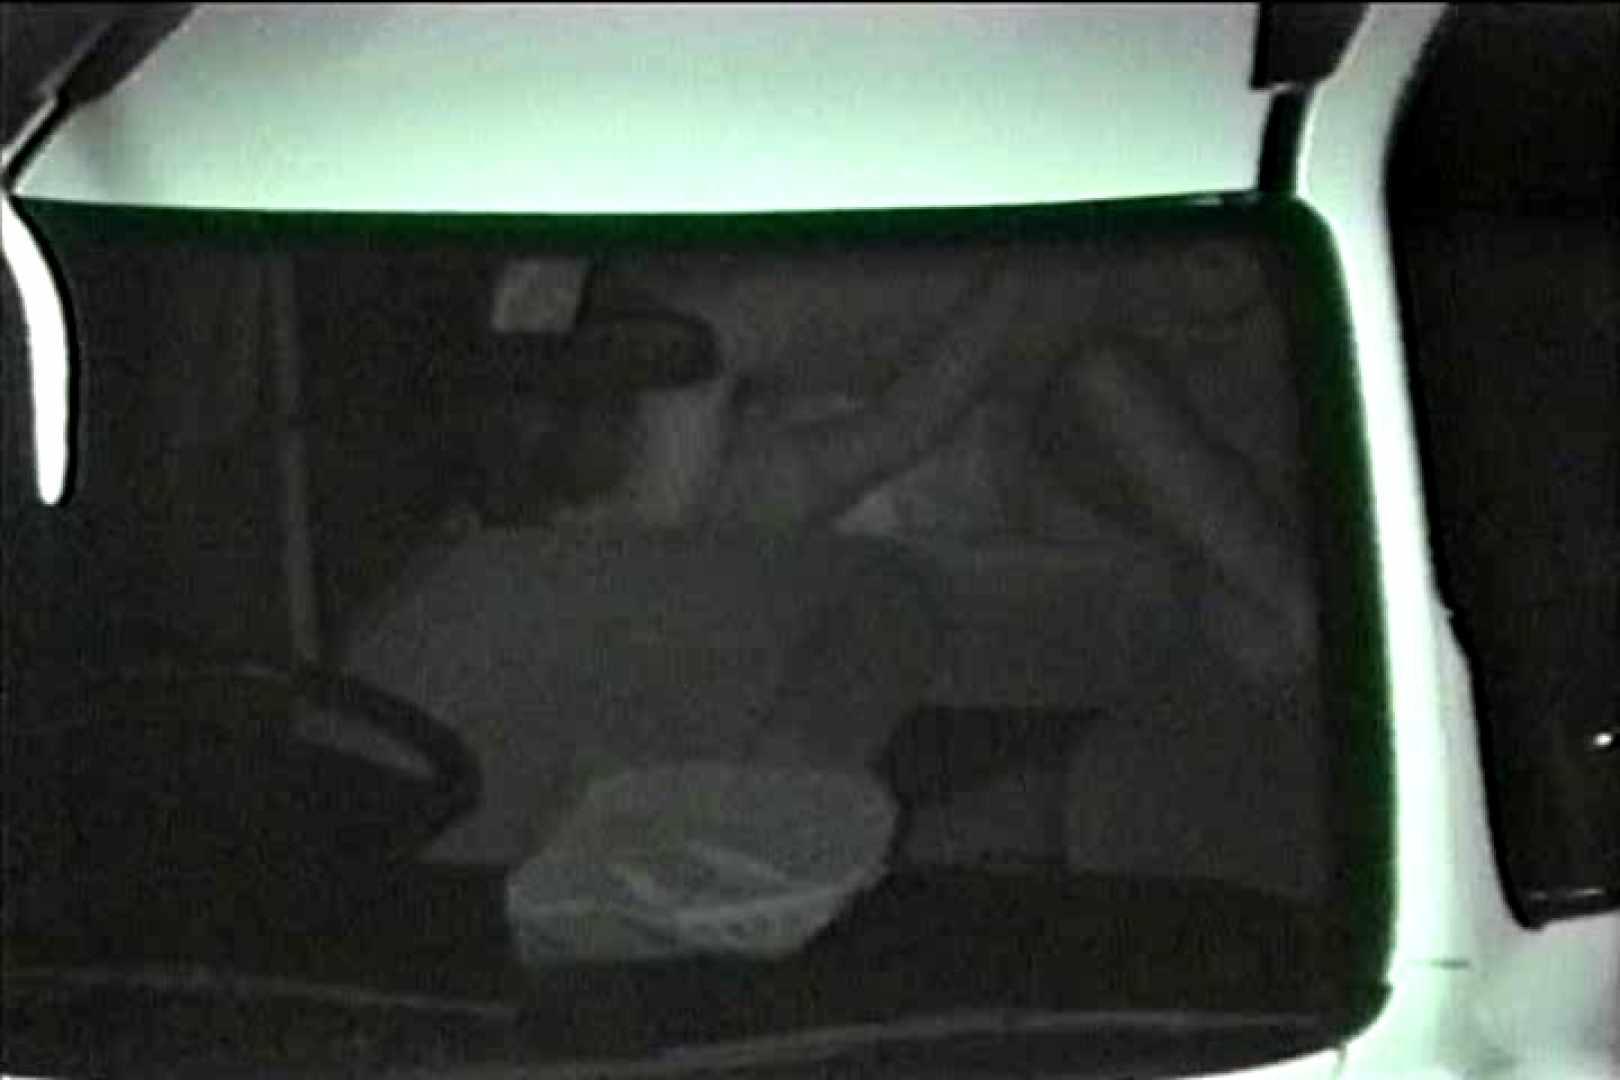 車の中はラブホテル 無修正版  Vol.7 人気シリーズ 盗み撮り動画 81pic 52